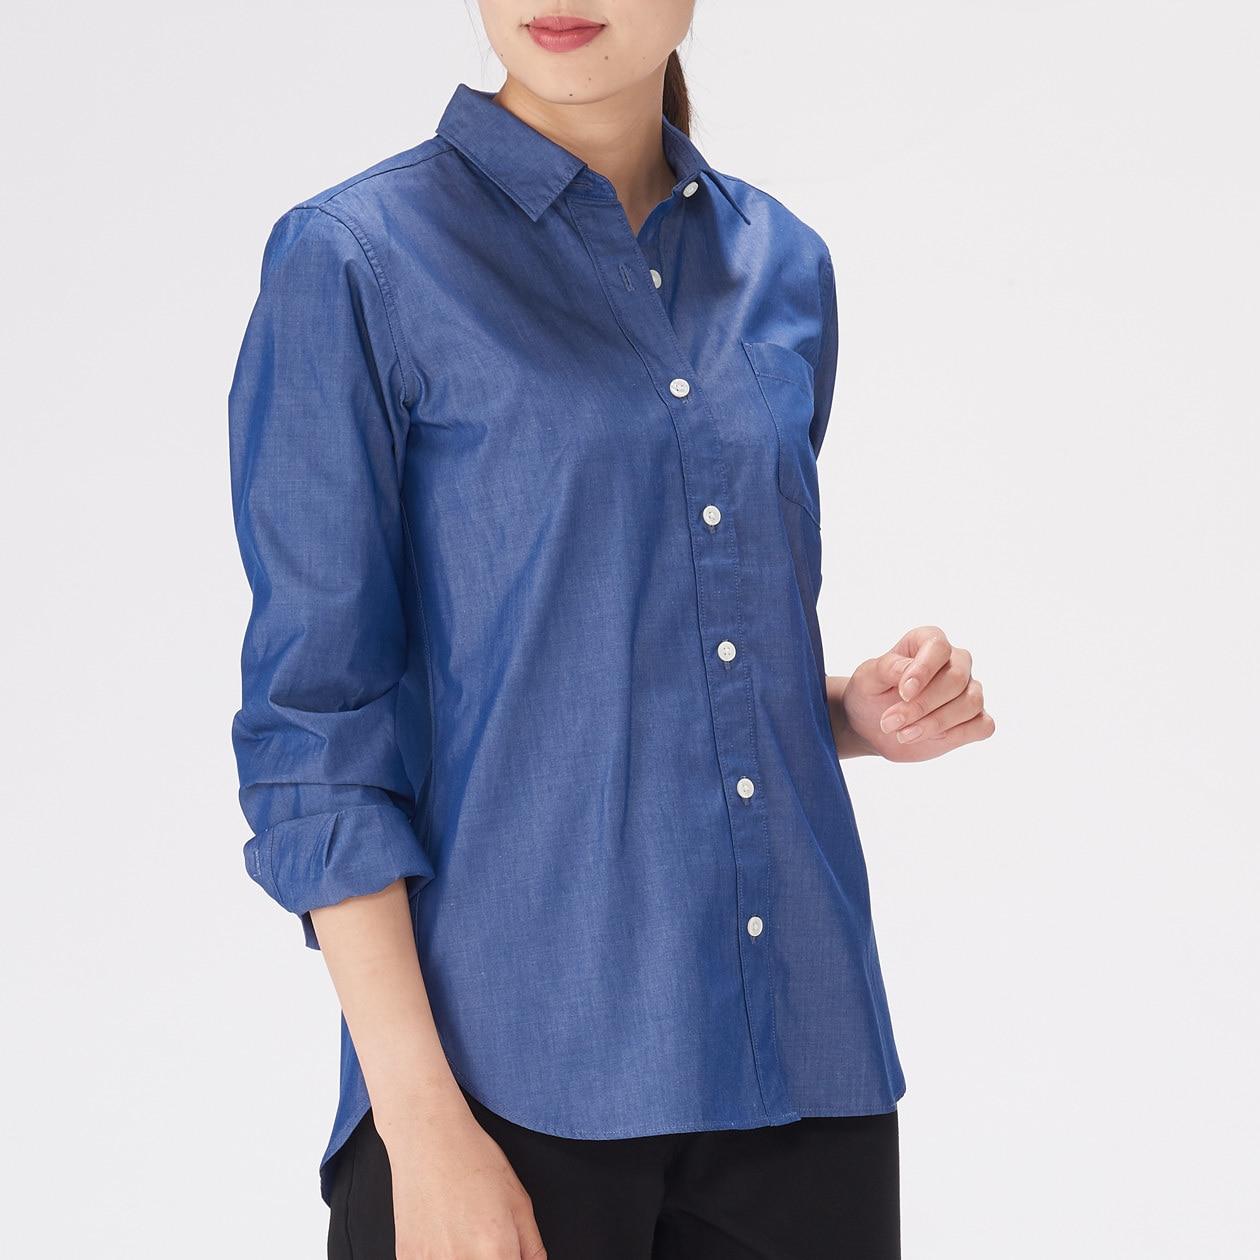 女有機棉水洗平織布襯衫 深藍S   無印良品